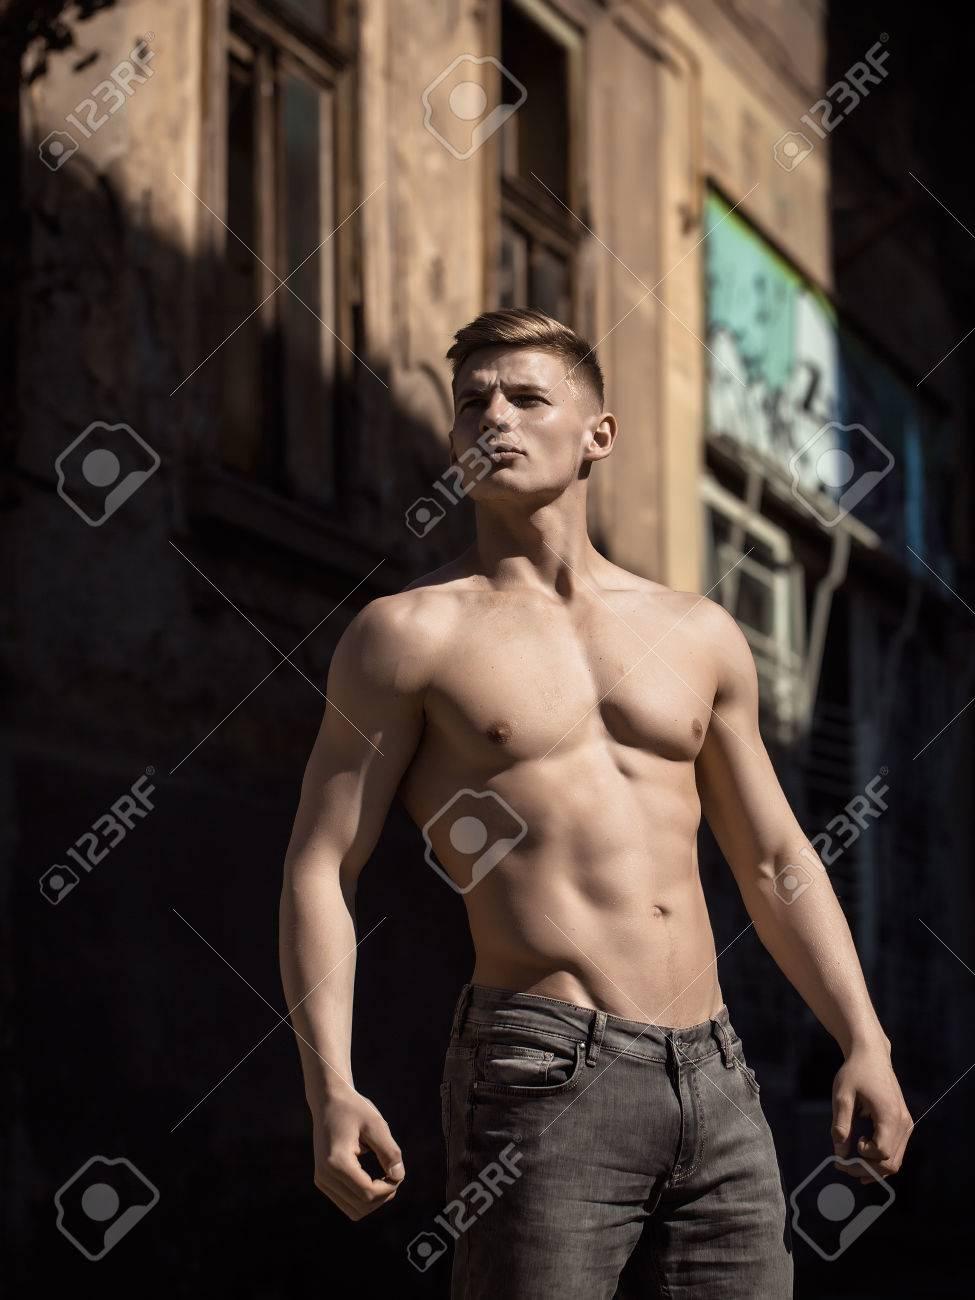 L Homme Nu Torse Pose Jeune Modele Sexy En Jeans En Plein Air Pres De Batiment Journee Ensoleillee En Plein Air Banque D Images Et Photos Libres De Droits Image 58097922